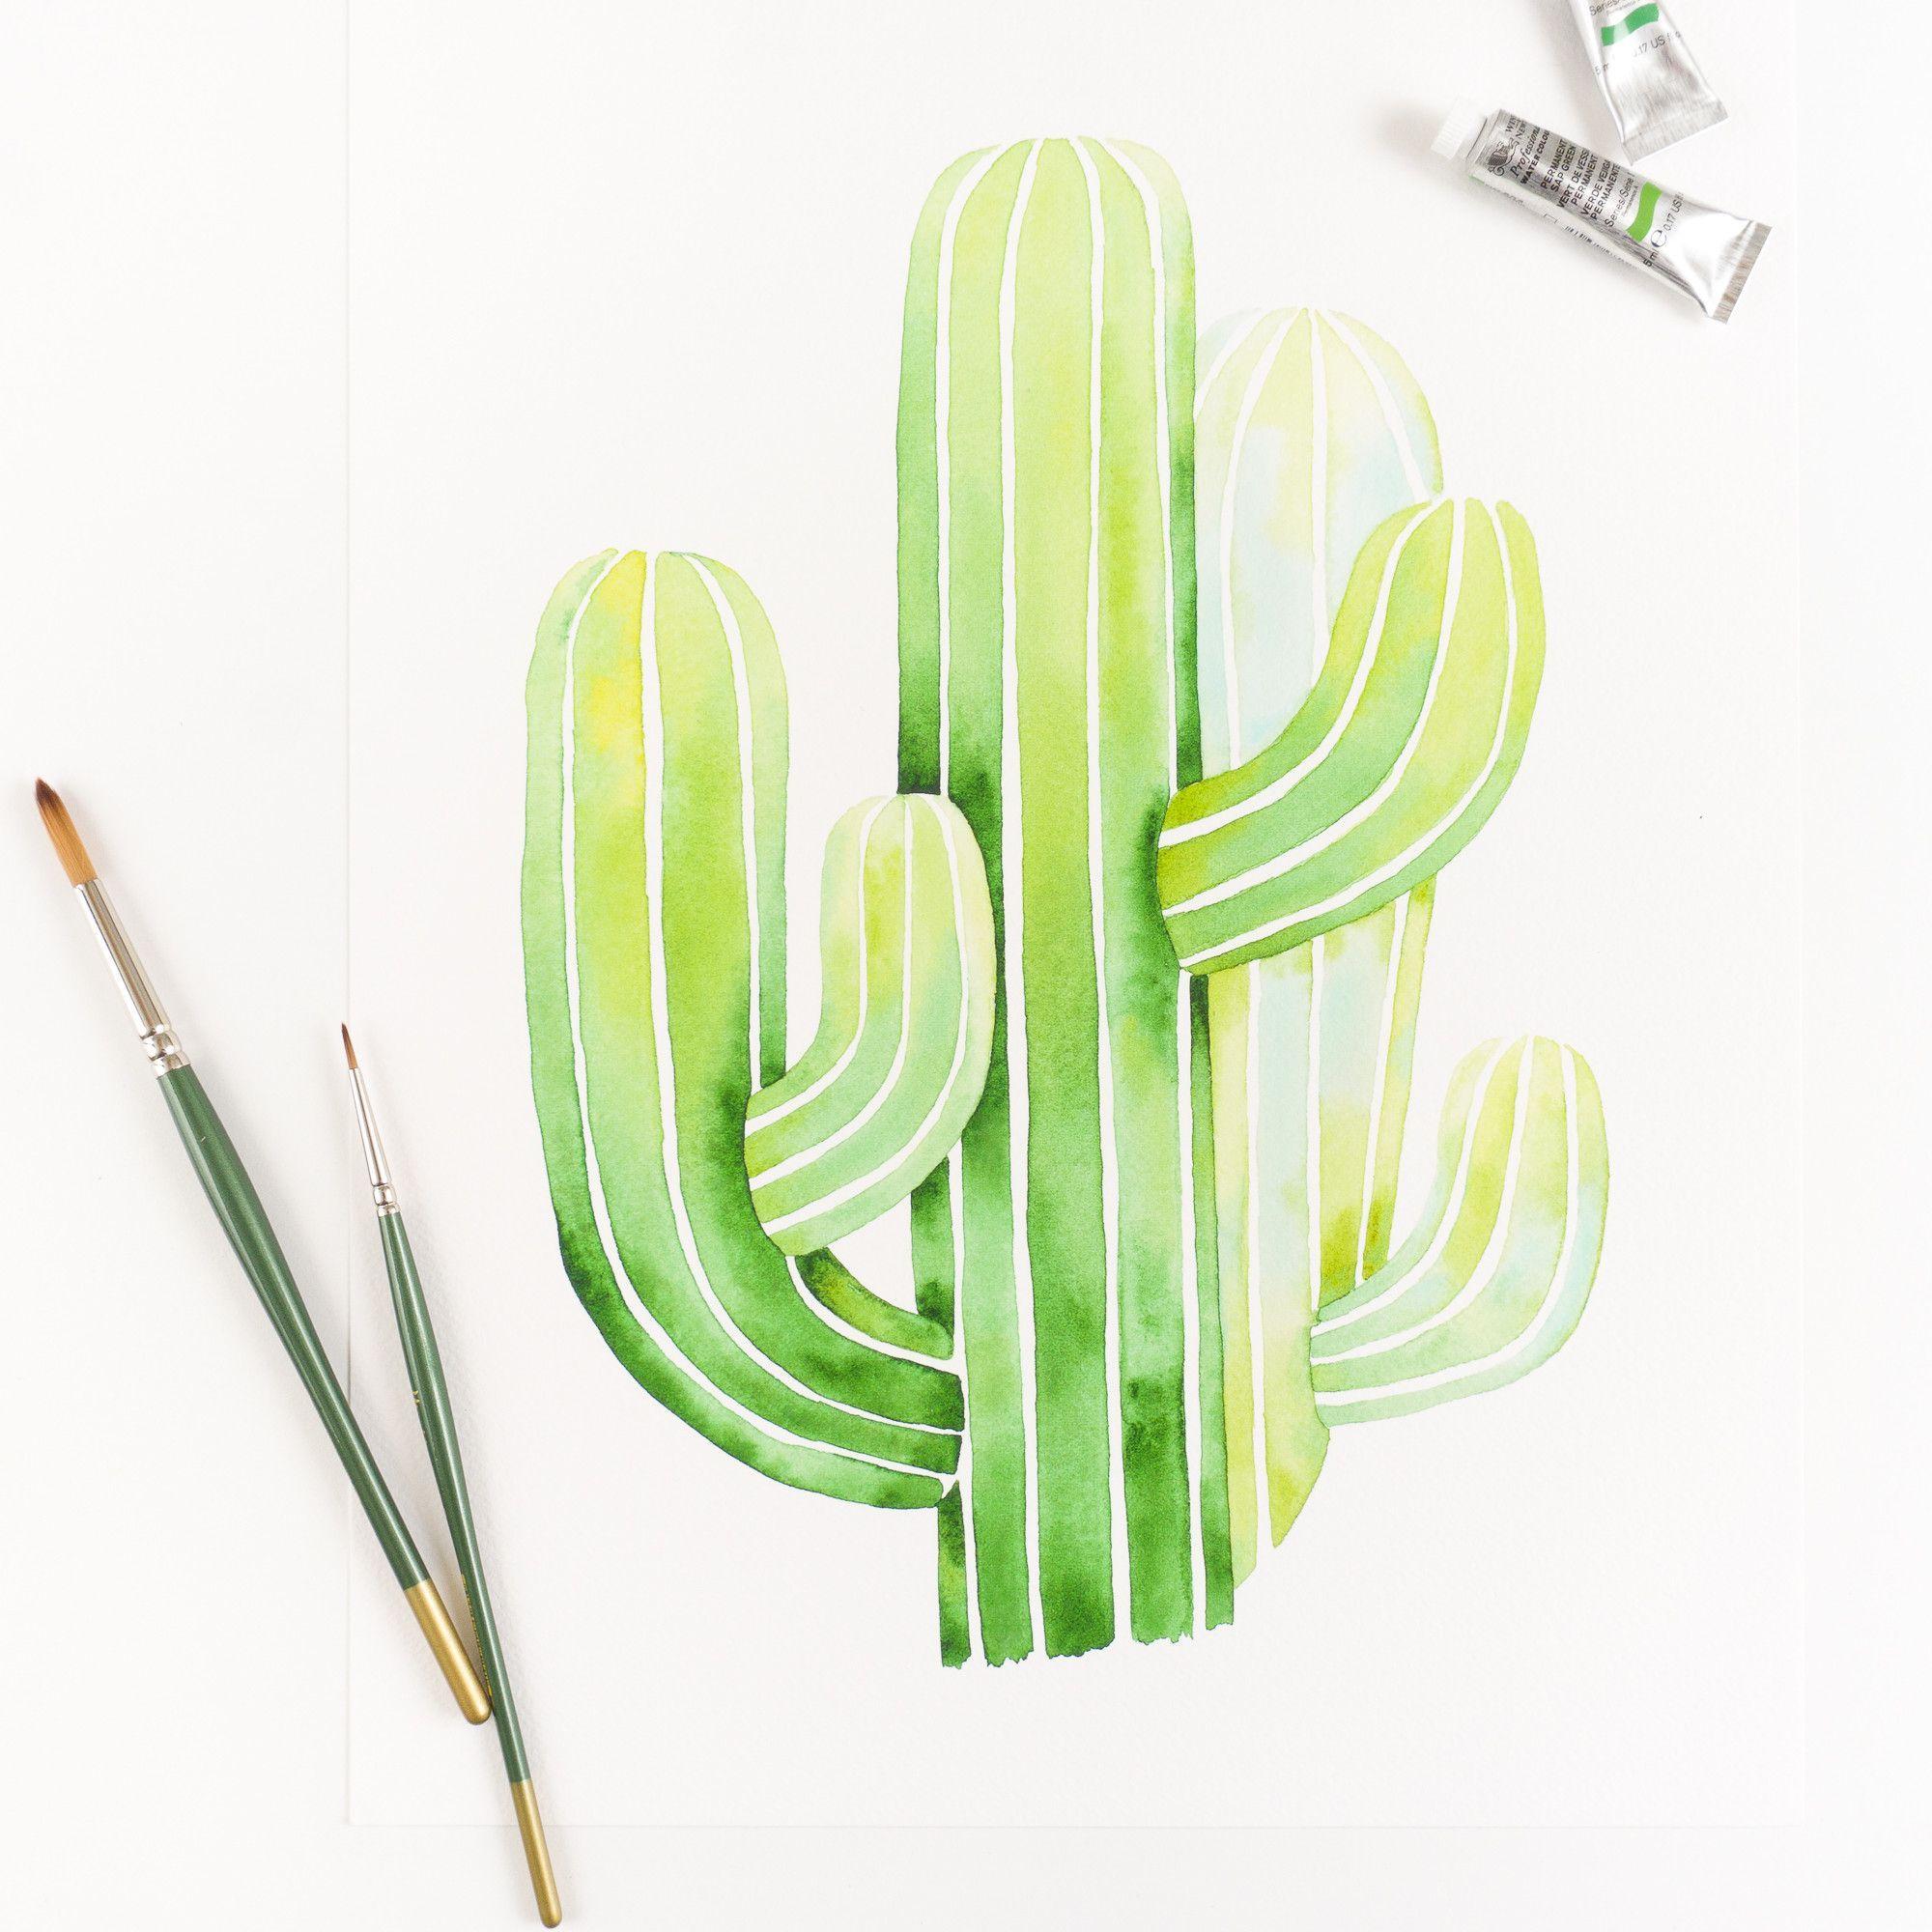 Saguaro Drawing at GetDrawings.com | Free for personal use Saguaro ...